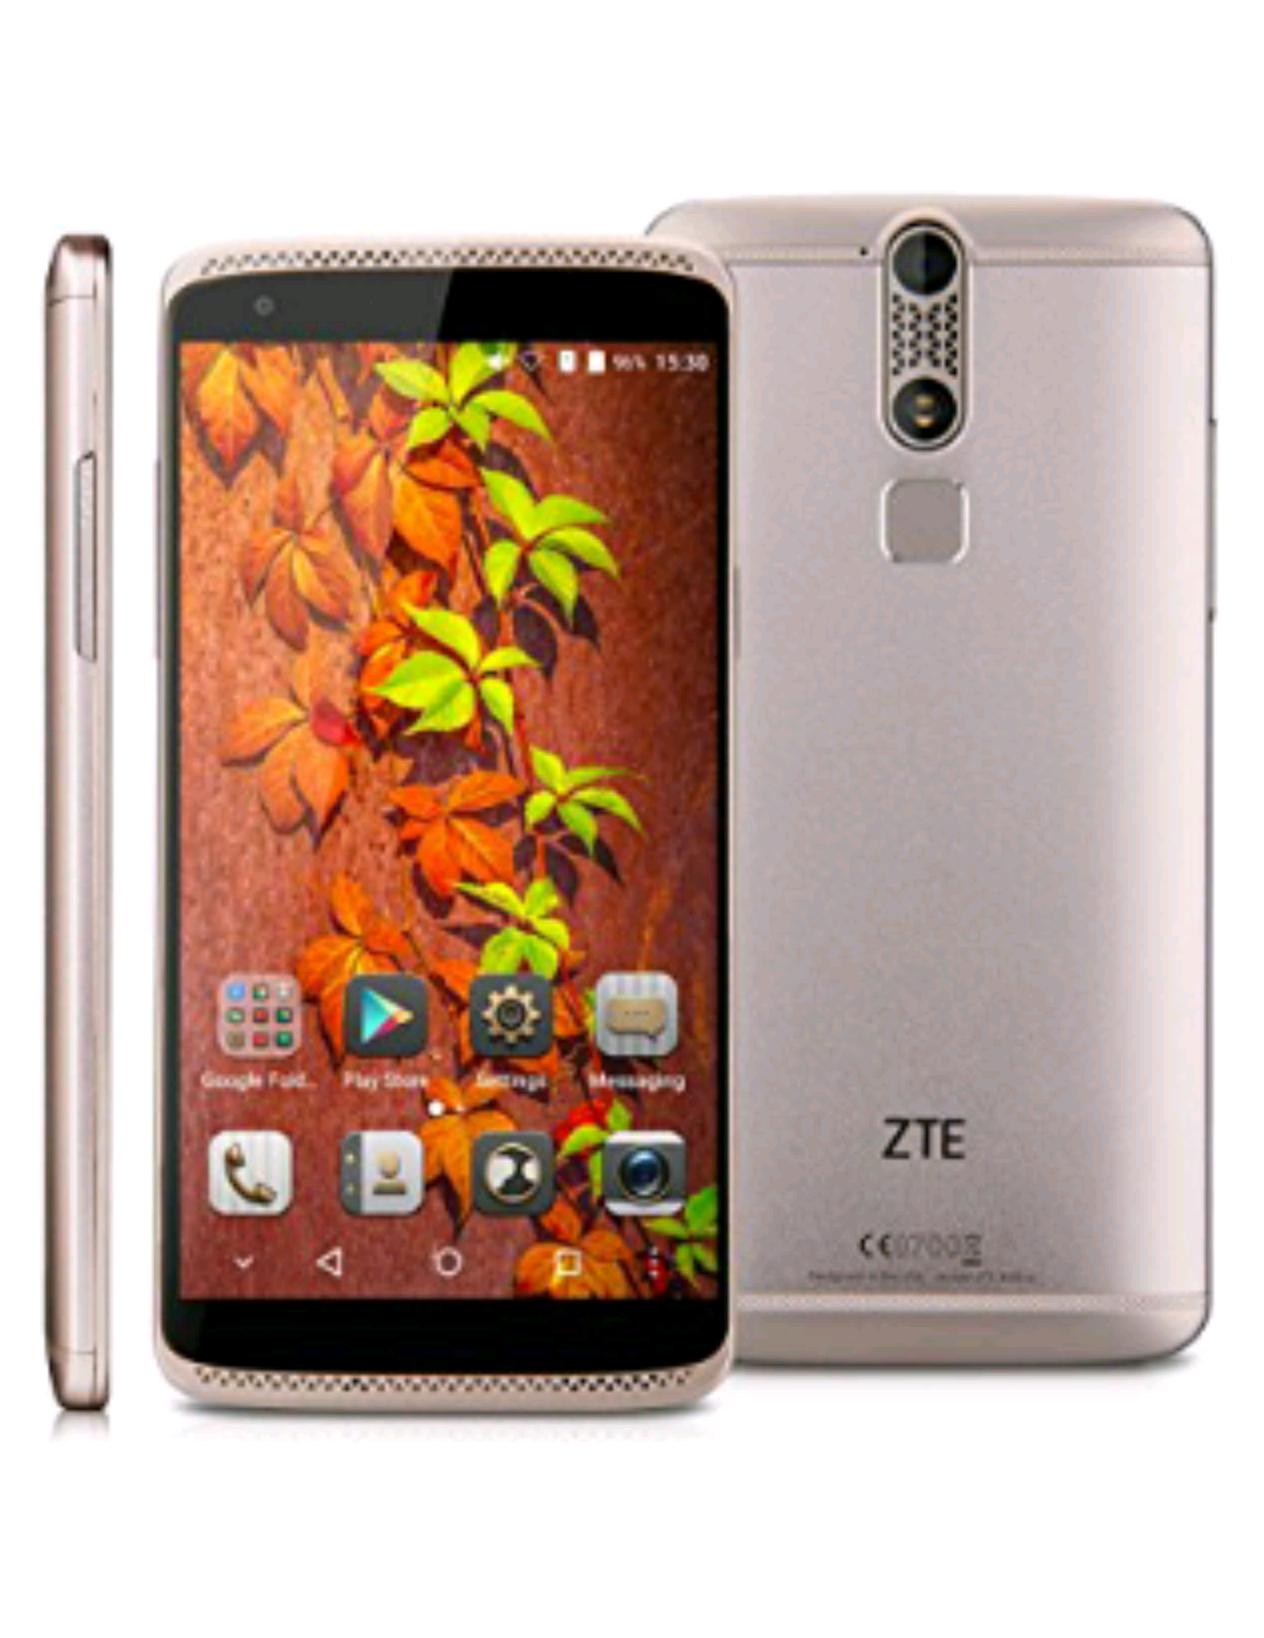 ZTE AXON MINI 4G LTE Smartphone 5.2'' Zoll 1080P FHD Display 3GB RAM 32GB ROM Android 5.1 Octa Core 1.5GHz 13.0MP+8.0MP Dual Kamera Dual SIM